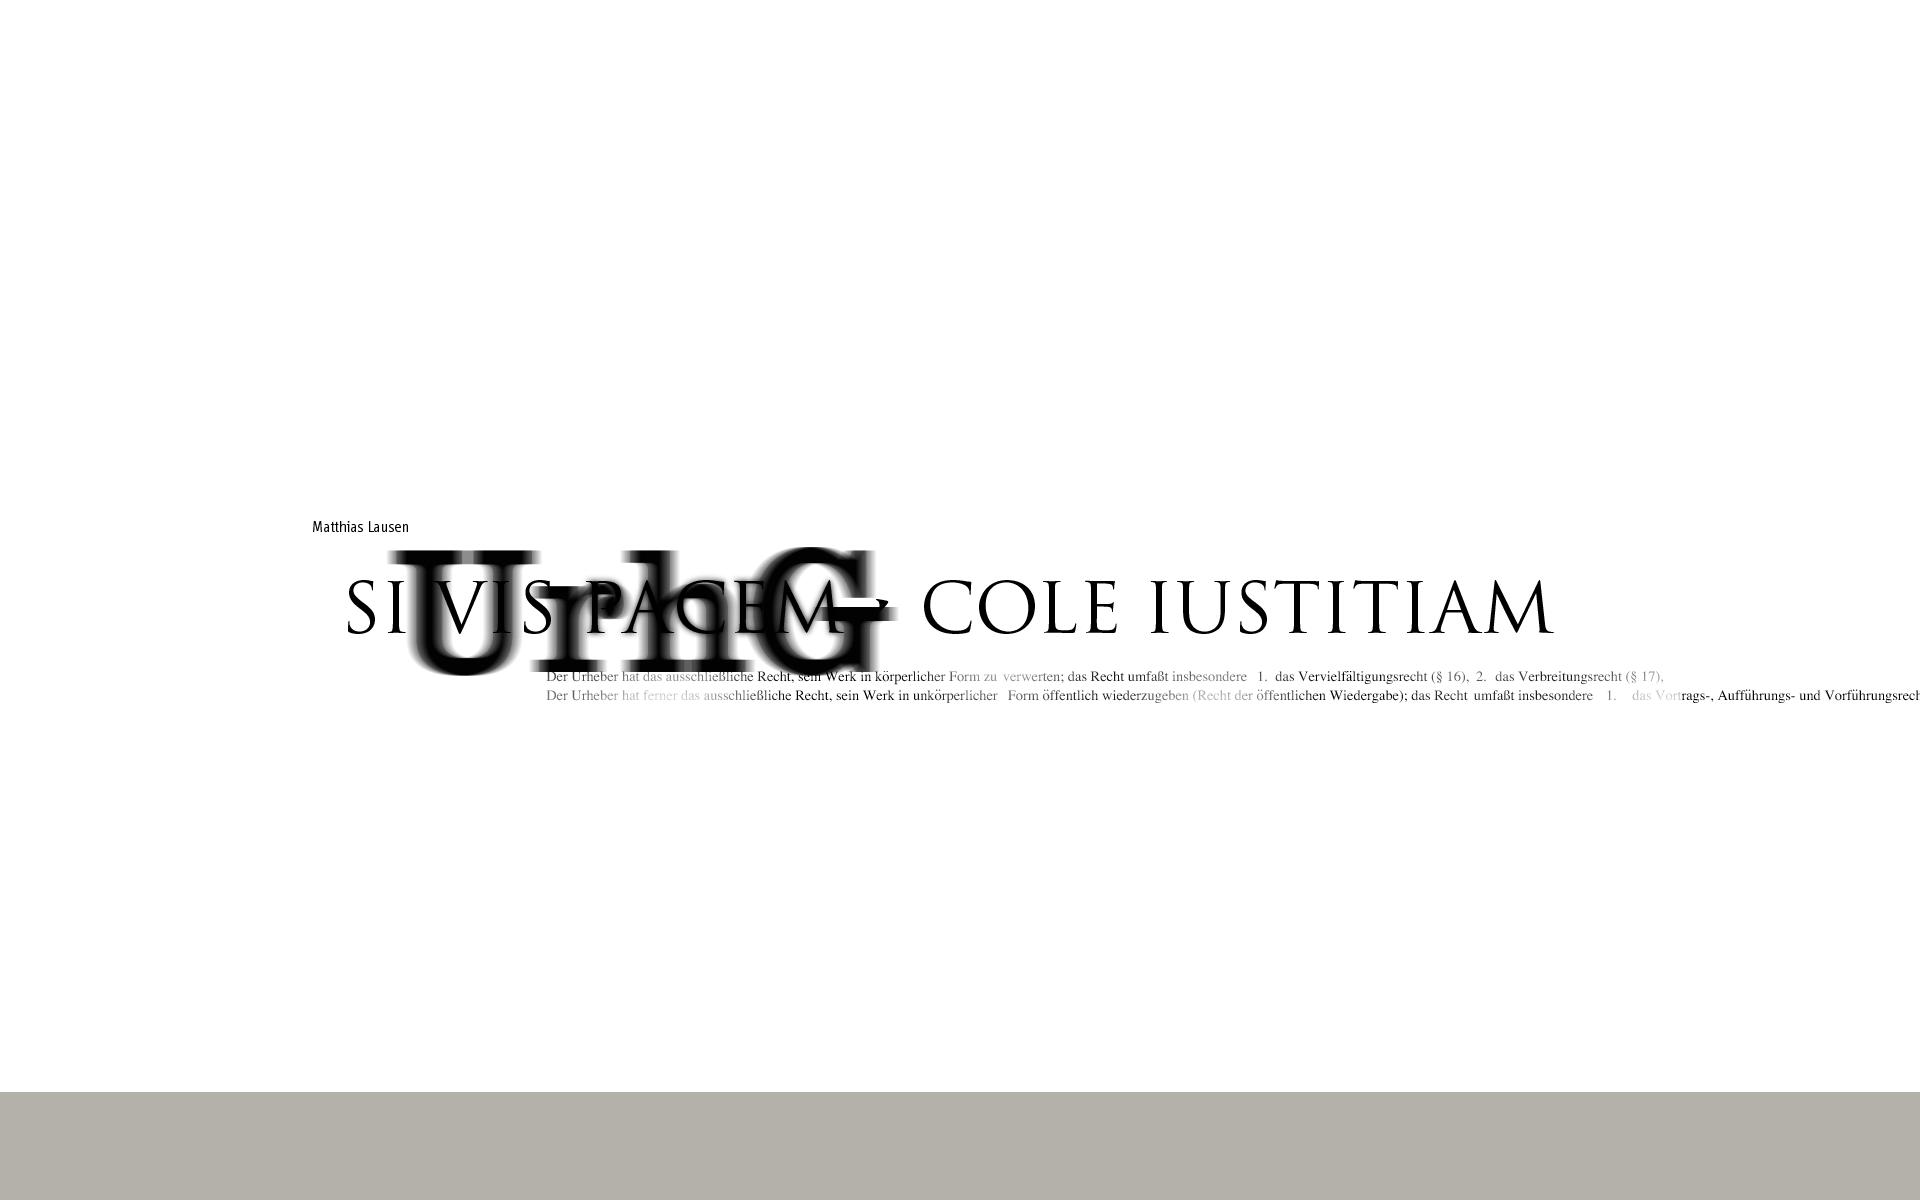 Ateliergespräch mit dem Rechtsanwalt Dr. Matthias Lausen über »Das neue Urheberrecht – oder wie Kreative und ihre Auftraggeber Ärger vermeiden« am 10. Oktober 2002 im Atelier von Wolfgang Beinert in München.